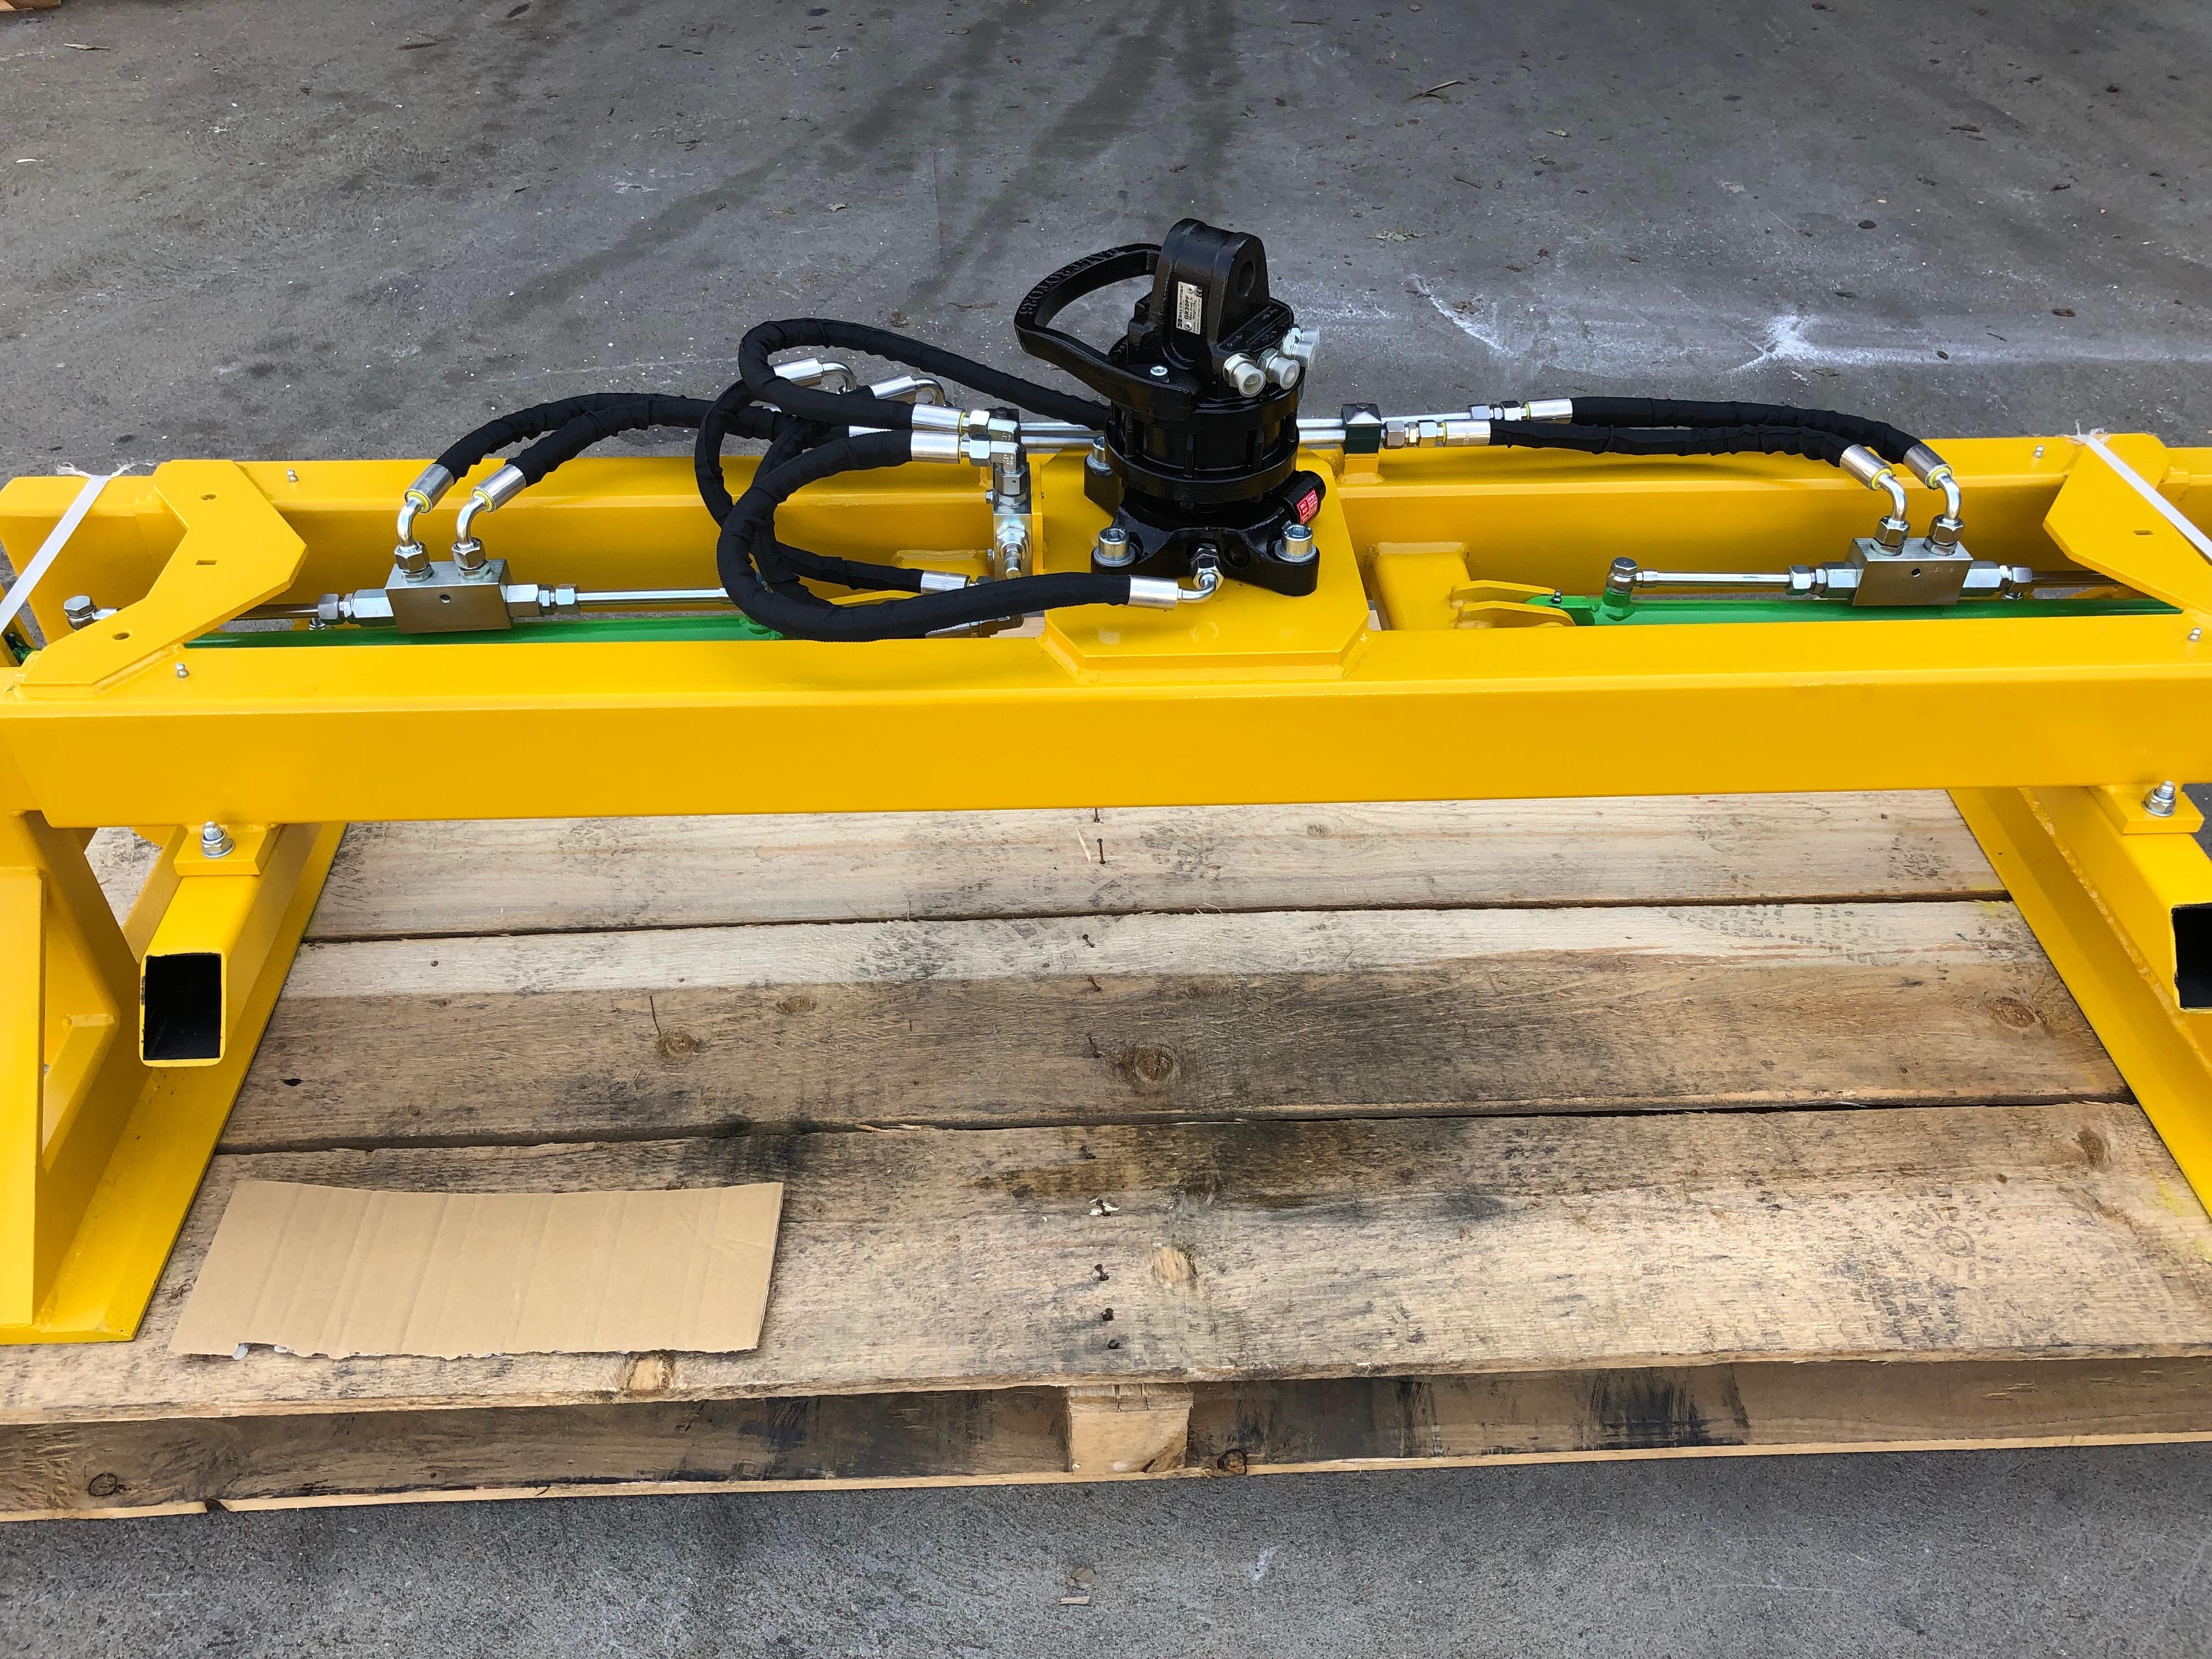 2766 00230 Svilleløfter for 3 sviller med rotator 1 Hjem